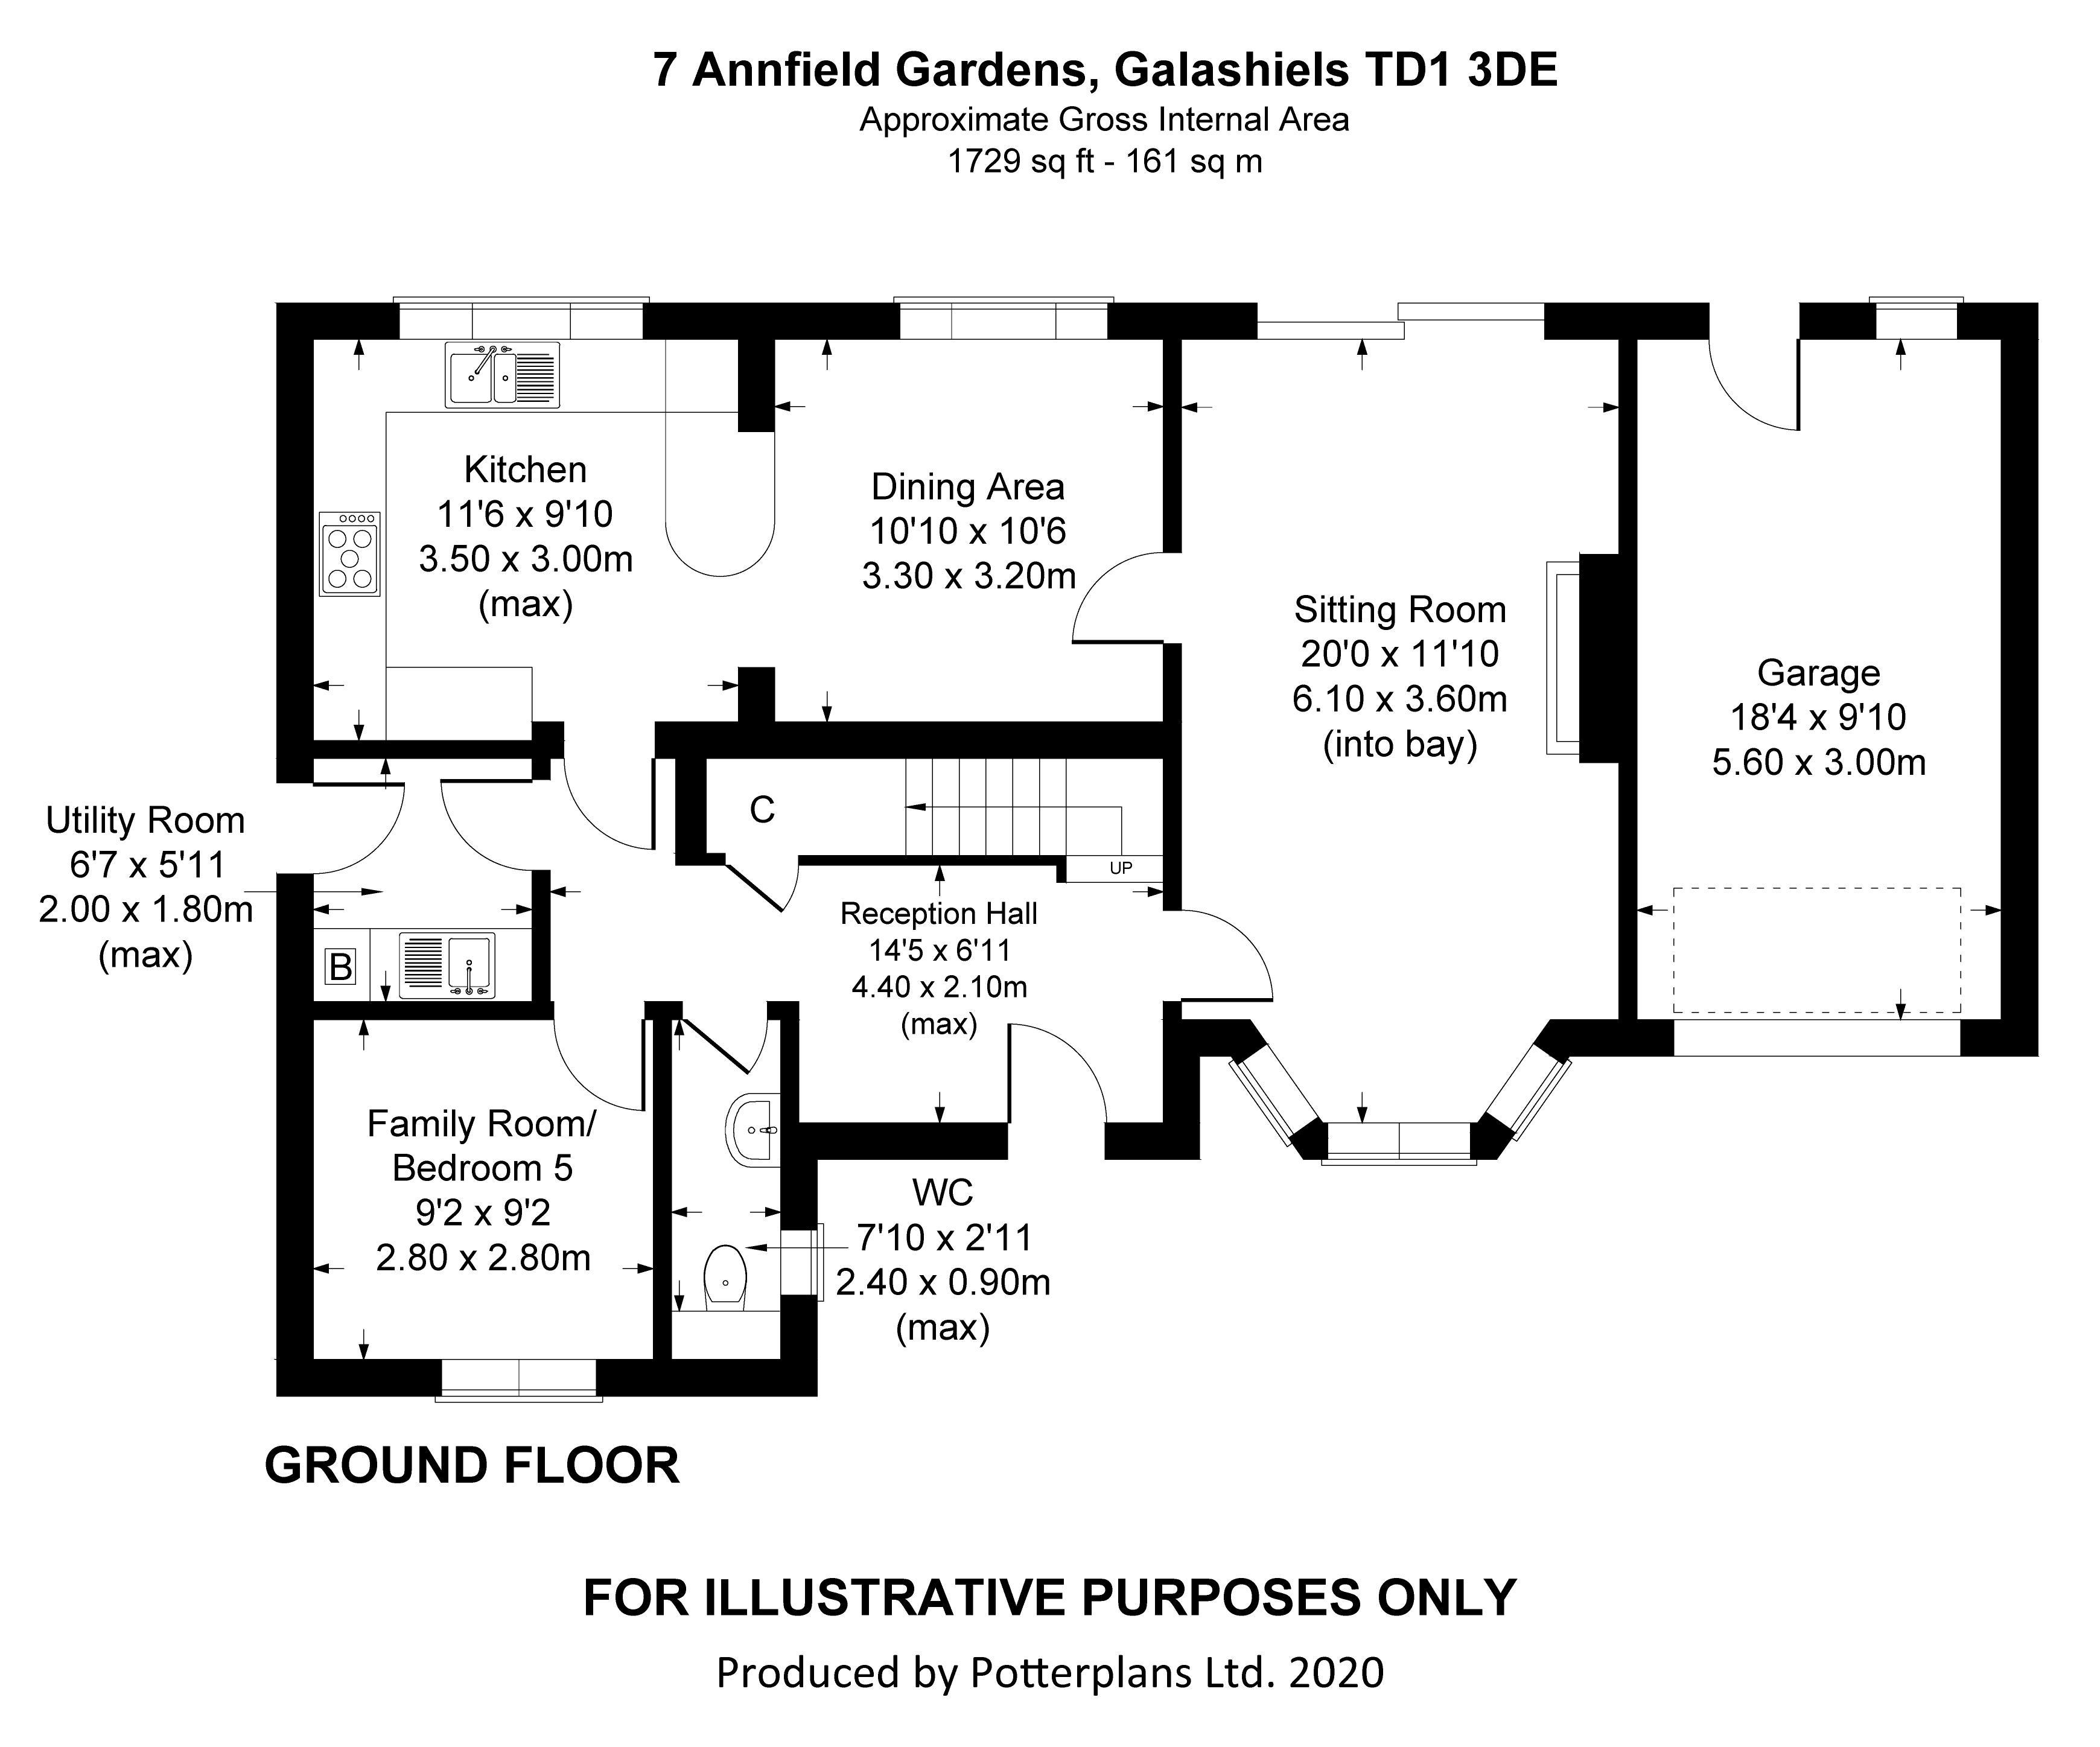 7 Annfield Gardens Ground Floor